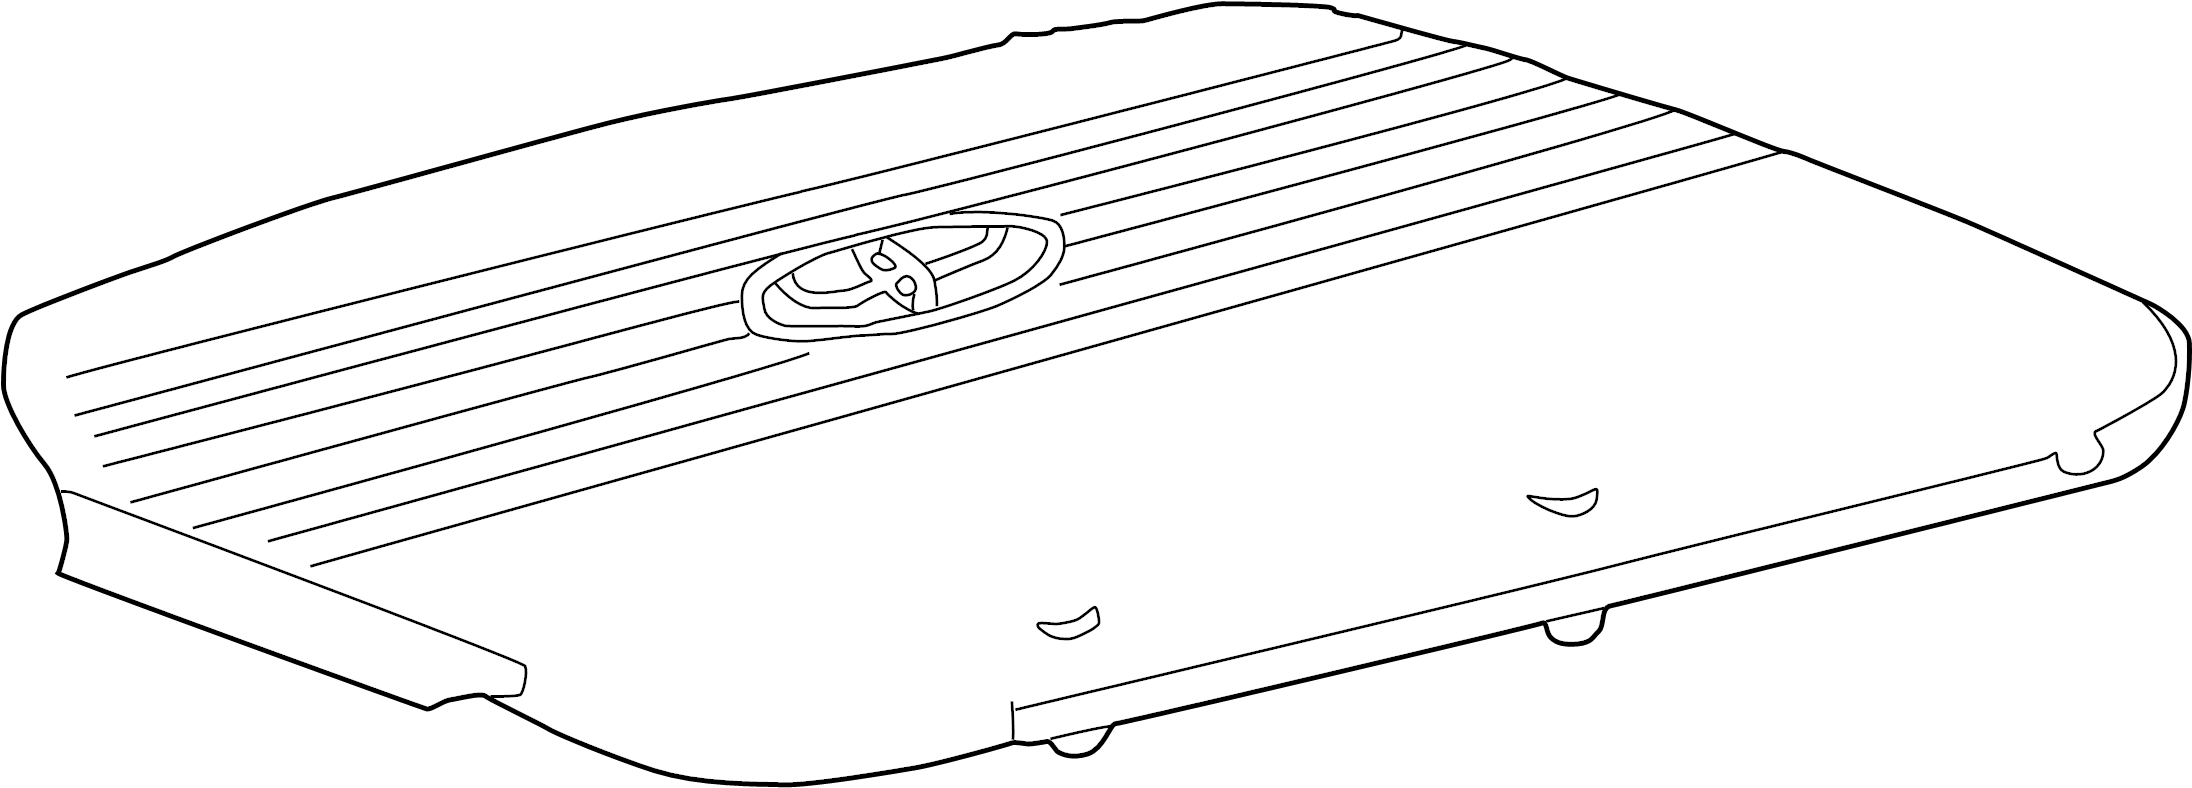 Toyota Sienna Engine Cover. 3.0 & 3.3 LITER. 3.0 LITER